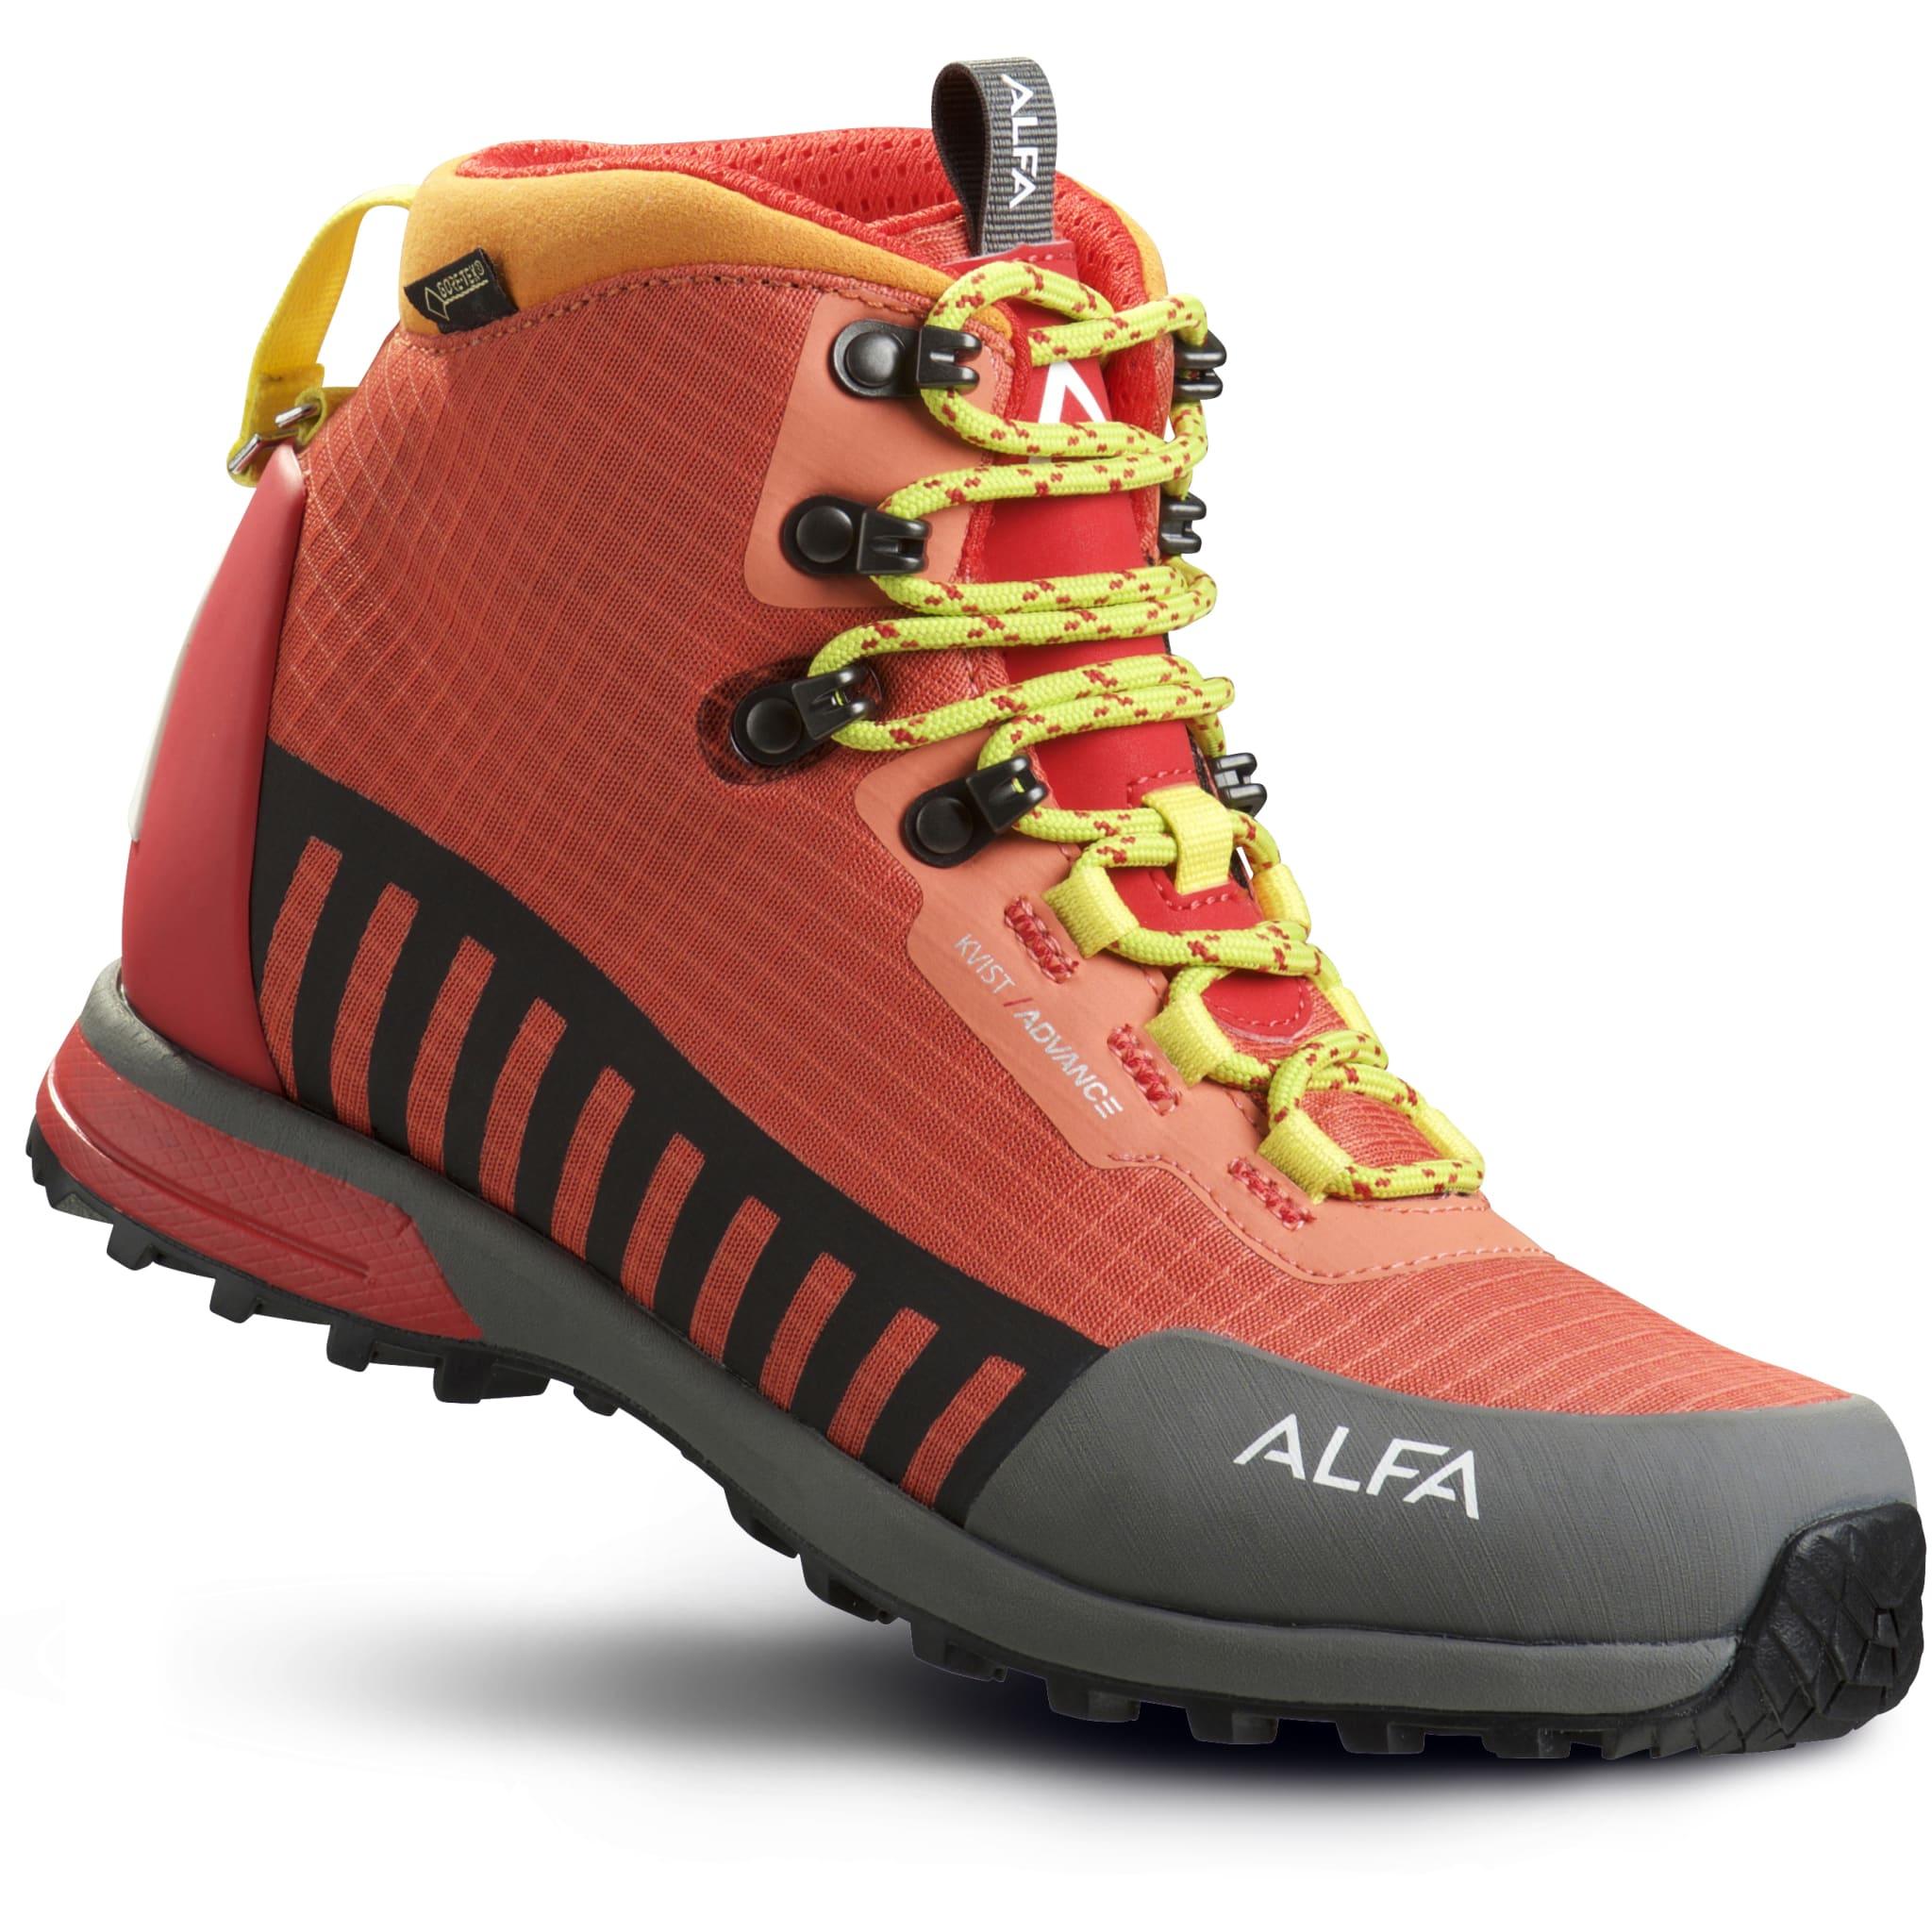 Svært komfortable GTX-støvler til blandet terreng